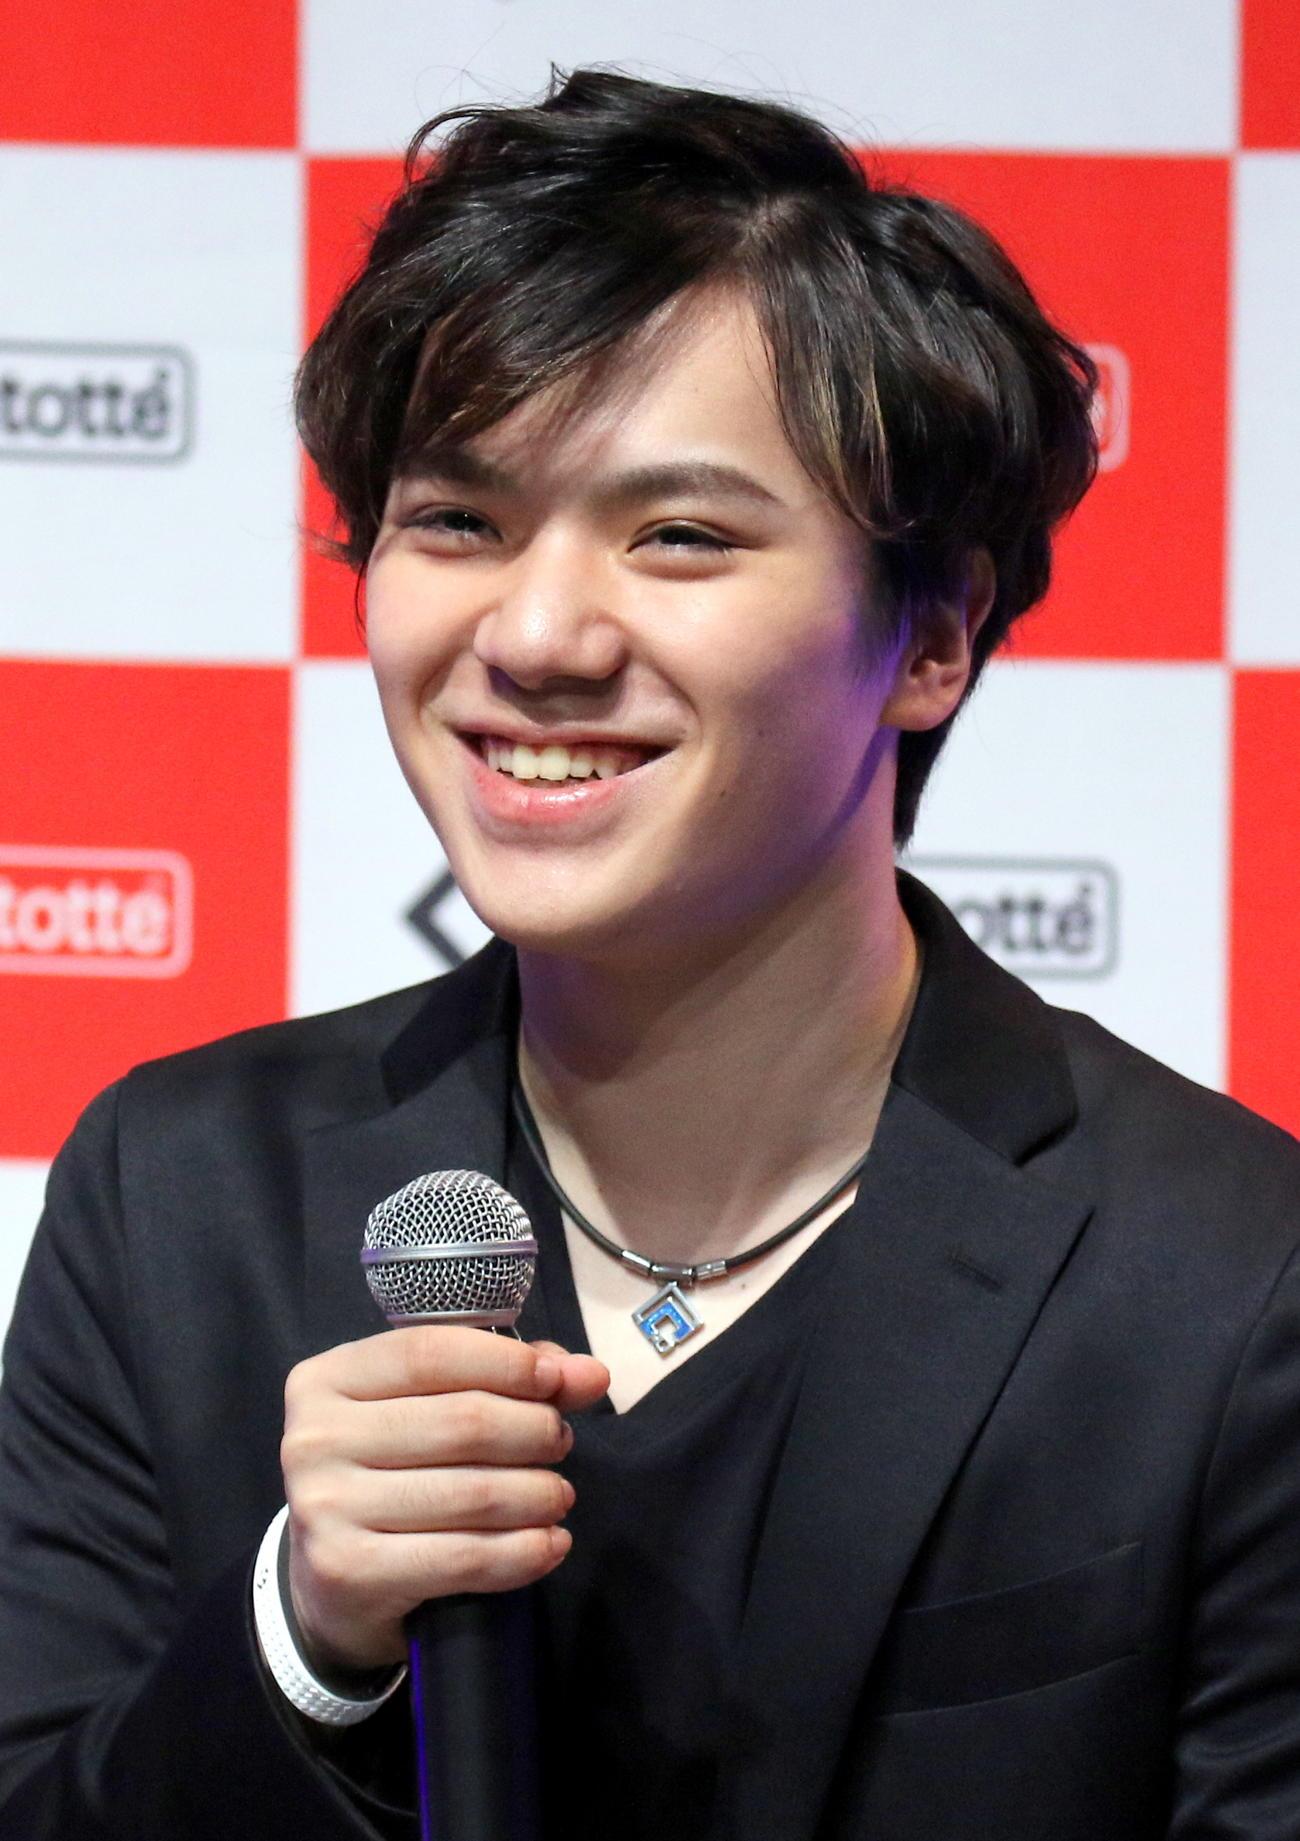 名古屋市内で「コラントッテ」の新ネックレス発表会に出席した宇野昌磨(撮影・木下淳)